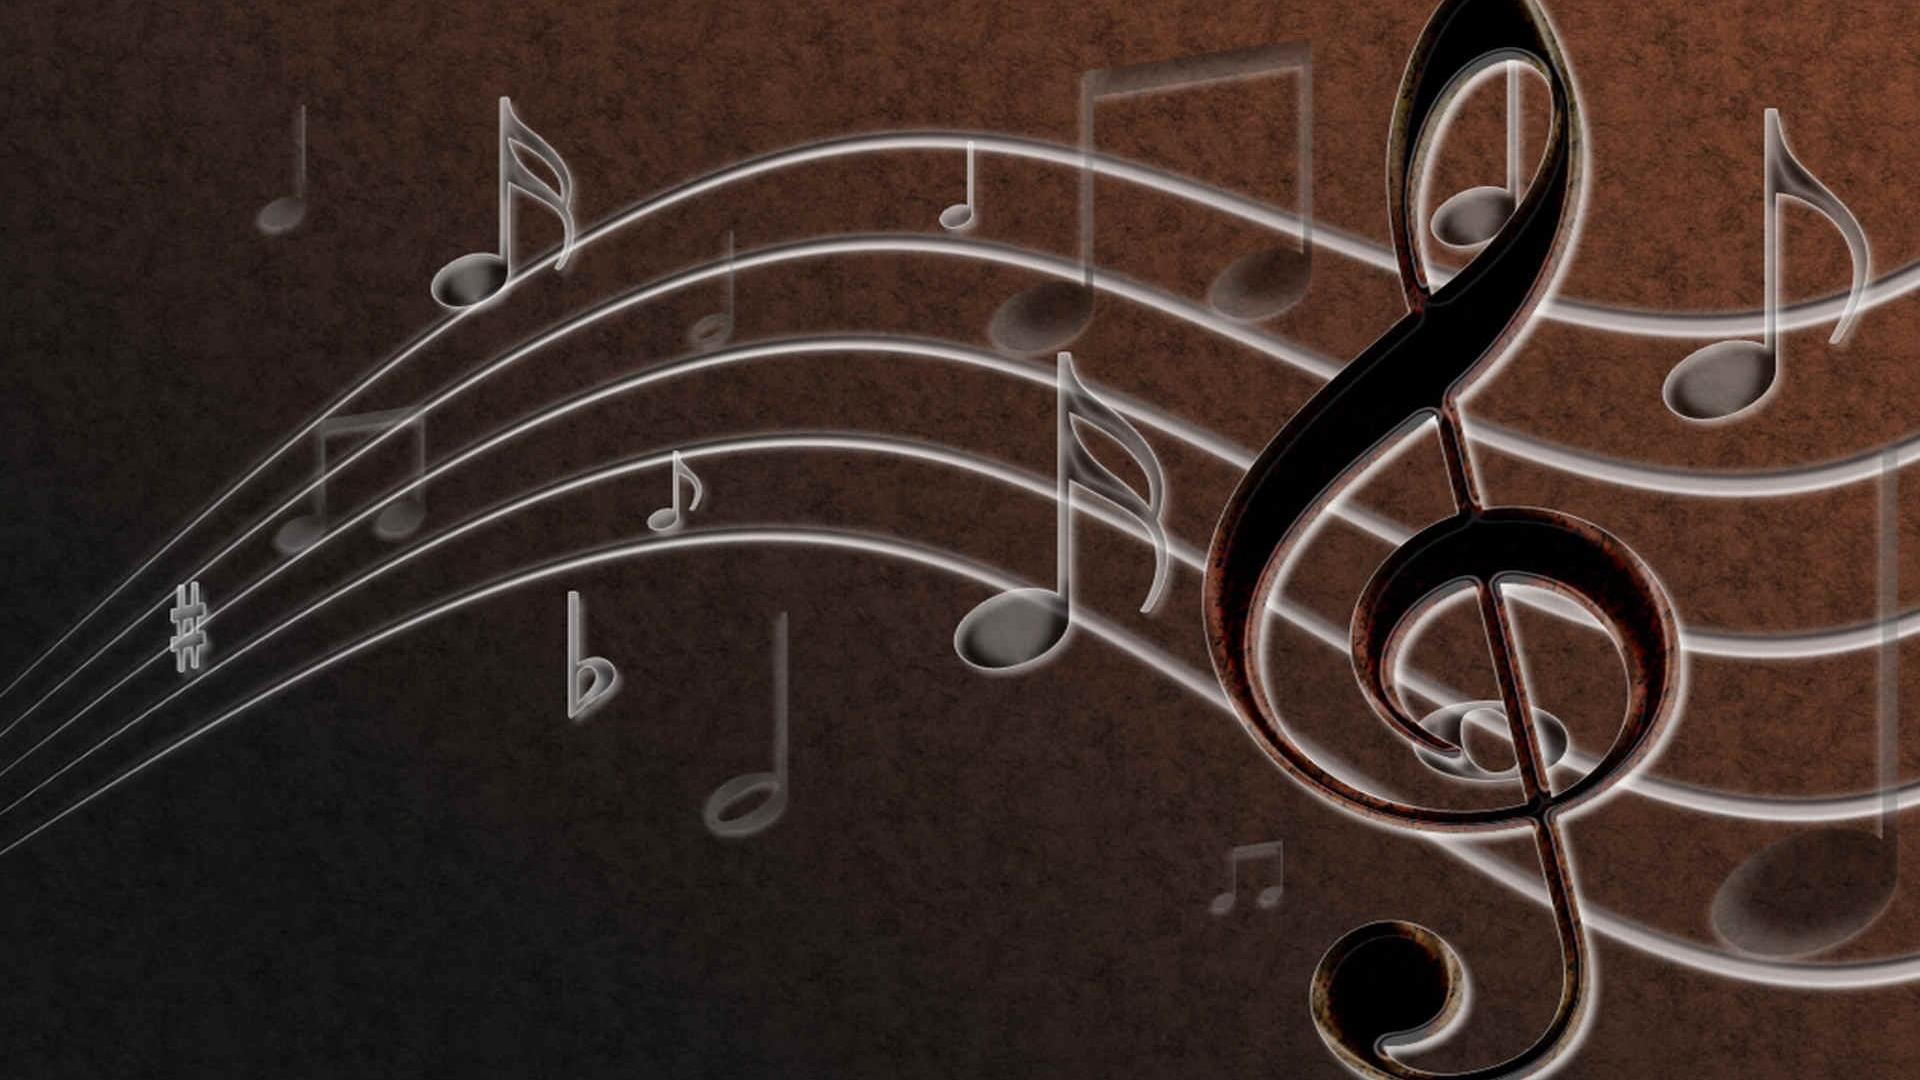 Treble clef wallpaper